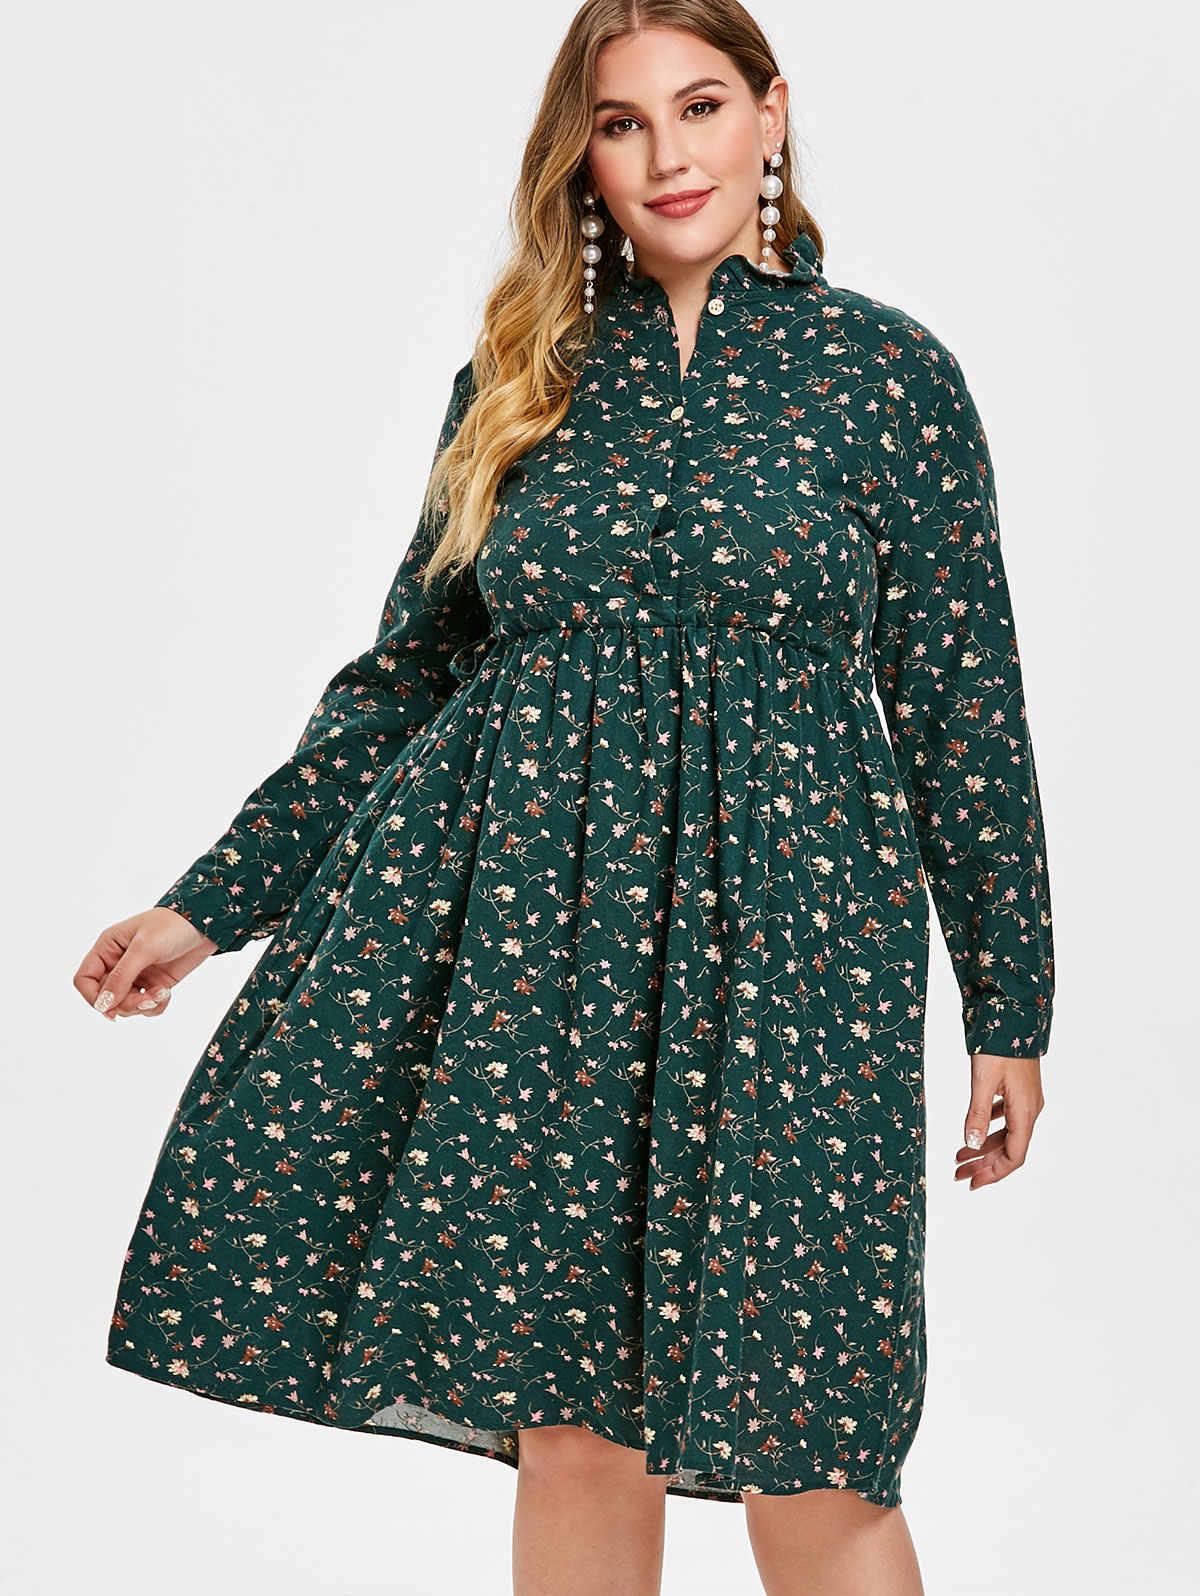 Wipalo женское весеннее платье больших размеров с полупуговицами и цветочным принтом, расклешенное платье, рубашка с длинными рукавами, платье с высокой талией, Повседневное платье Vestidos